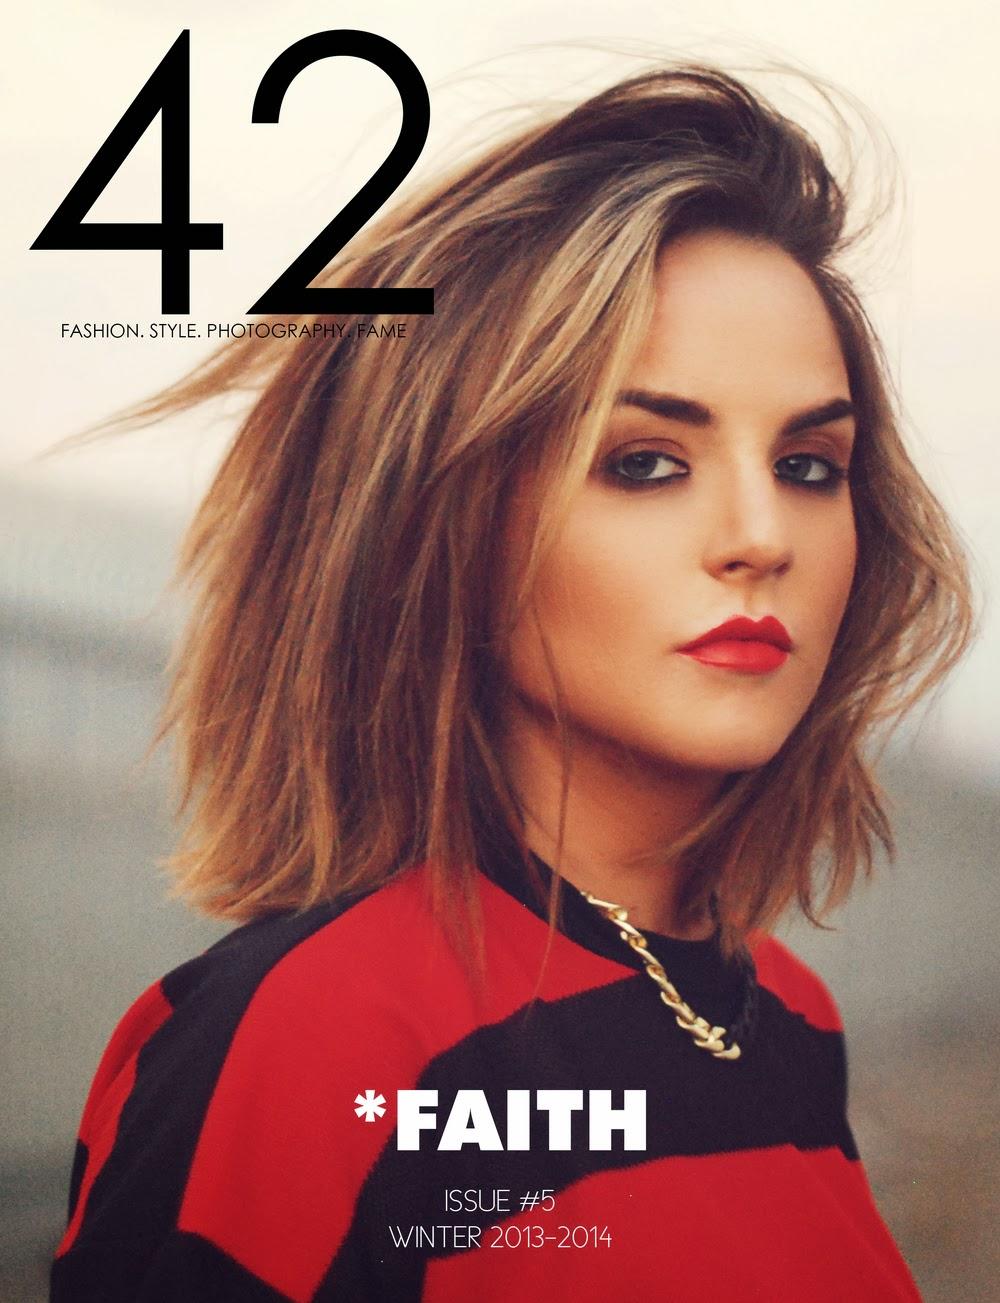 42-magazine-faith-1.jpg